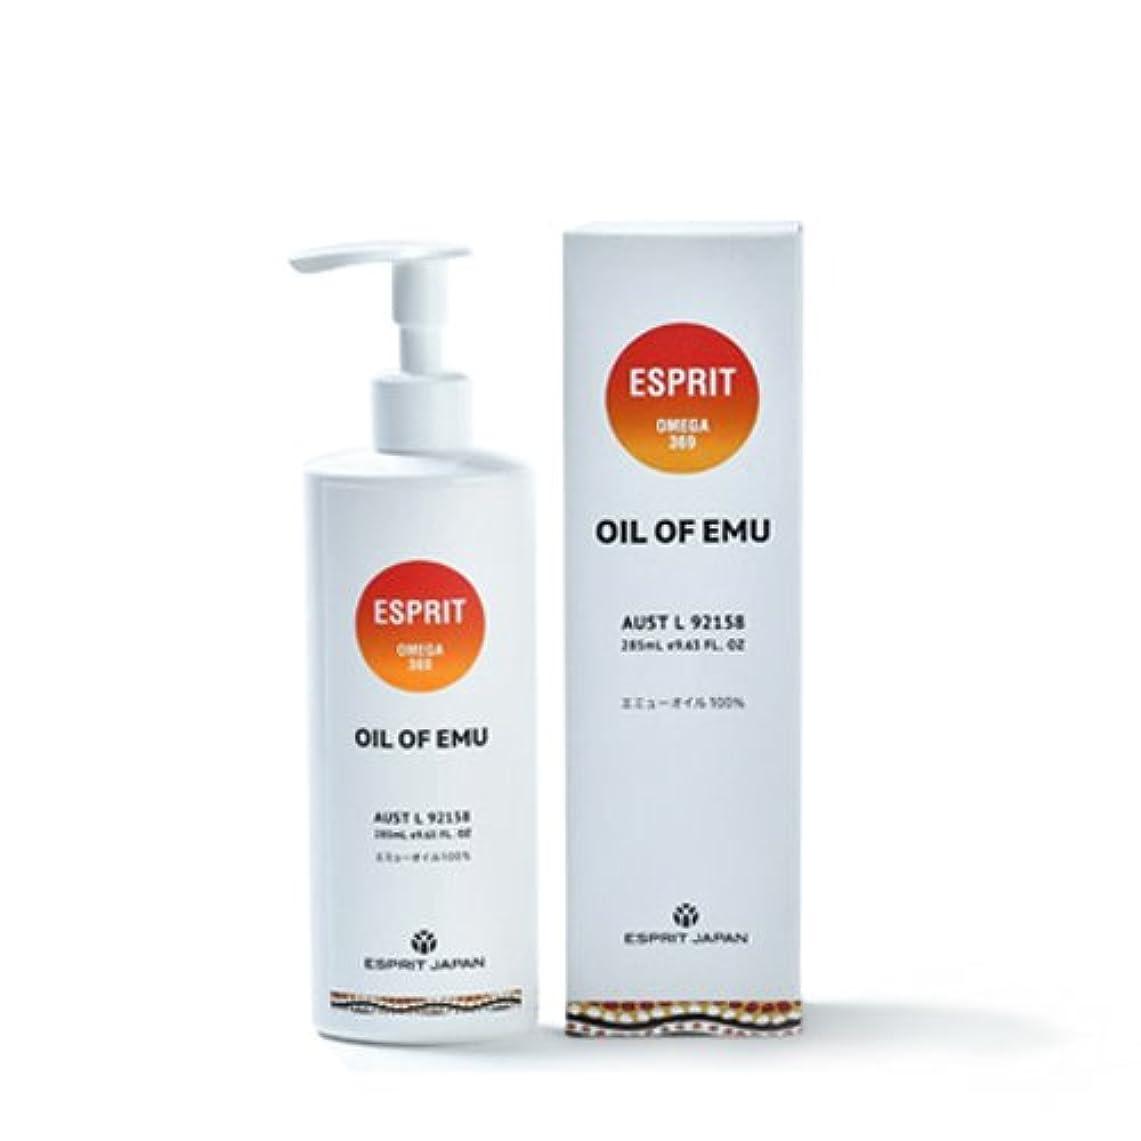 講義メガロポリス時代遅れ【OIL OF EMU】【285ml】【エミューマッサージオイル】【エミューオイル】EMU SPIRIT製 オイル?オブ?エミュー 285ml OIL of EMU (エミューオイル 100%) Sサイズ